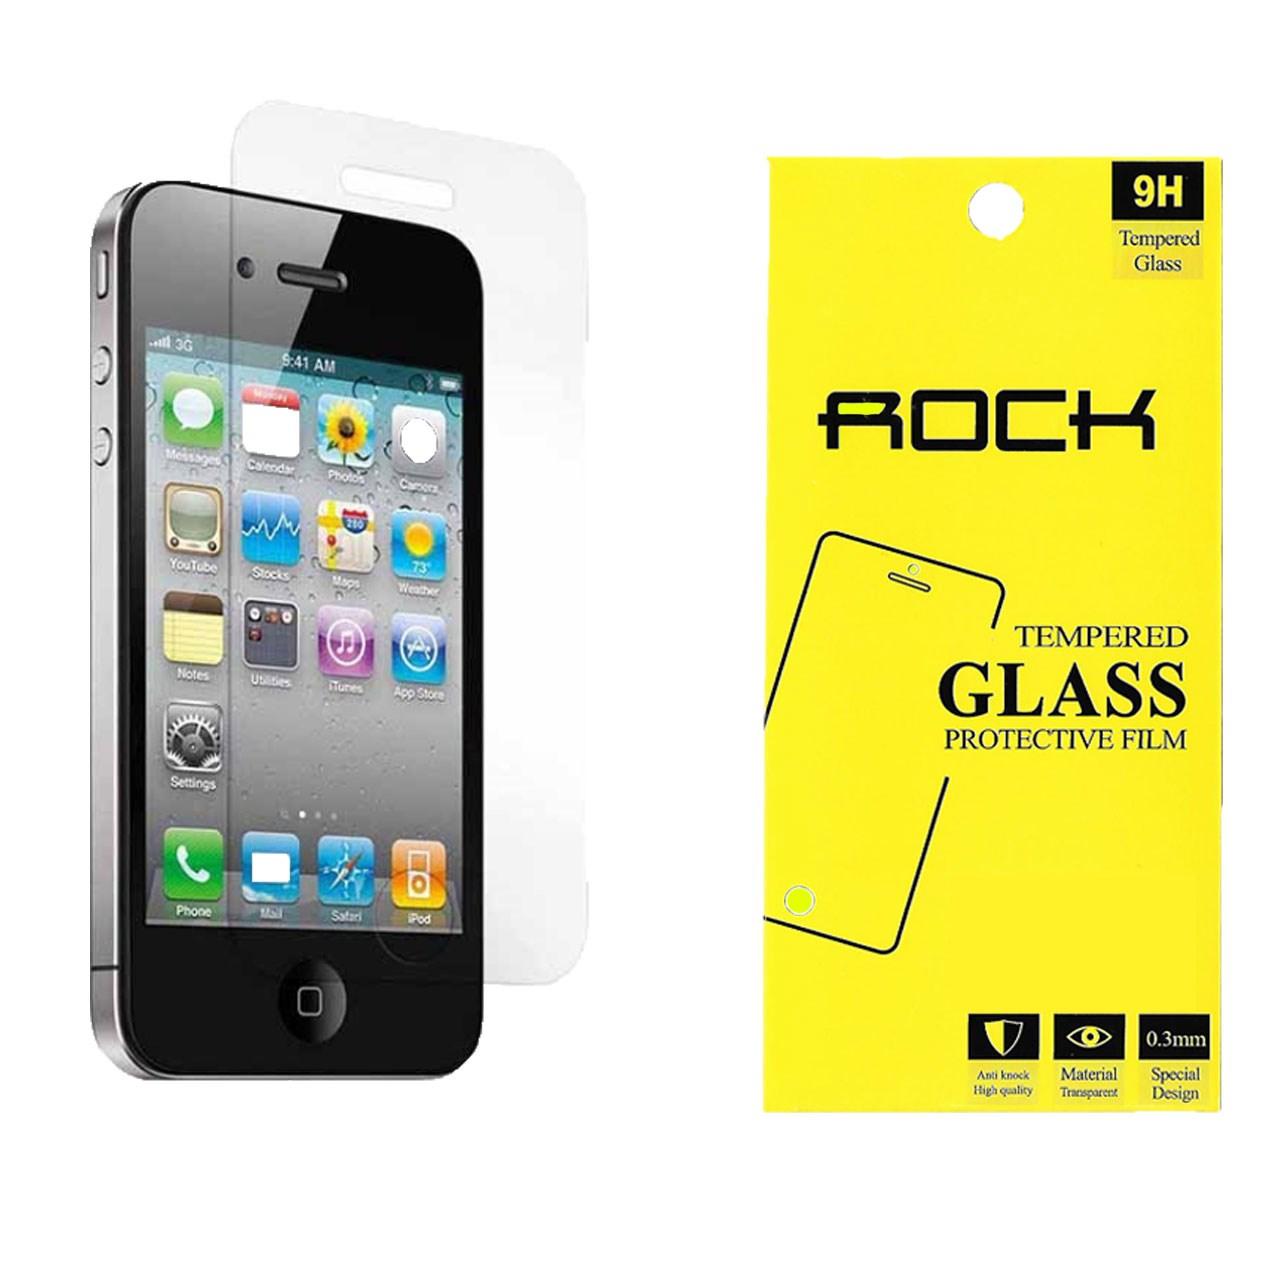 محافظ صفحه نمایش راک مدل 9H TEMPERED مناسب برای گوشی موبایل آیفون4/4s